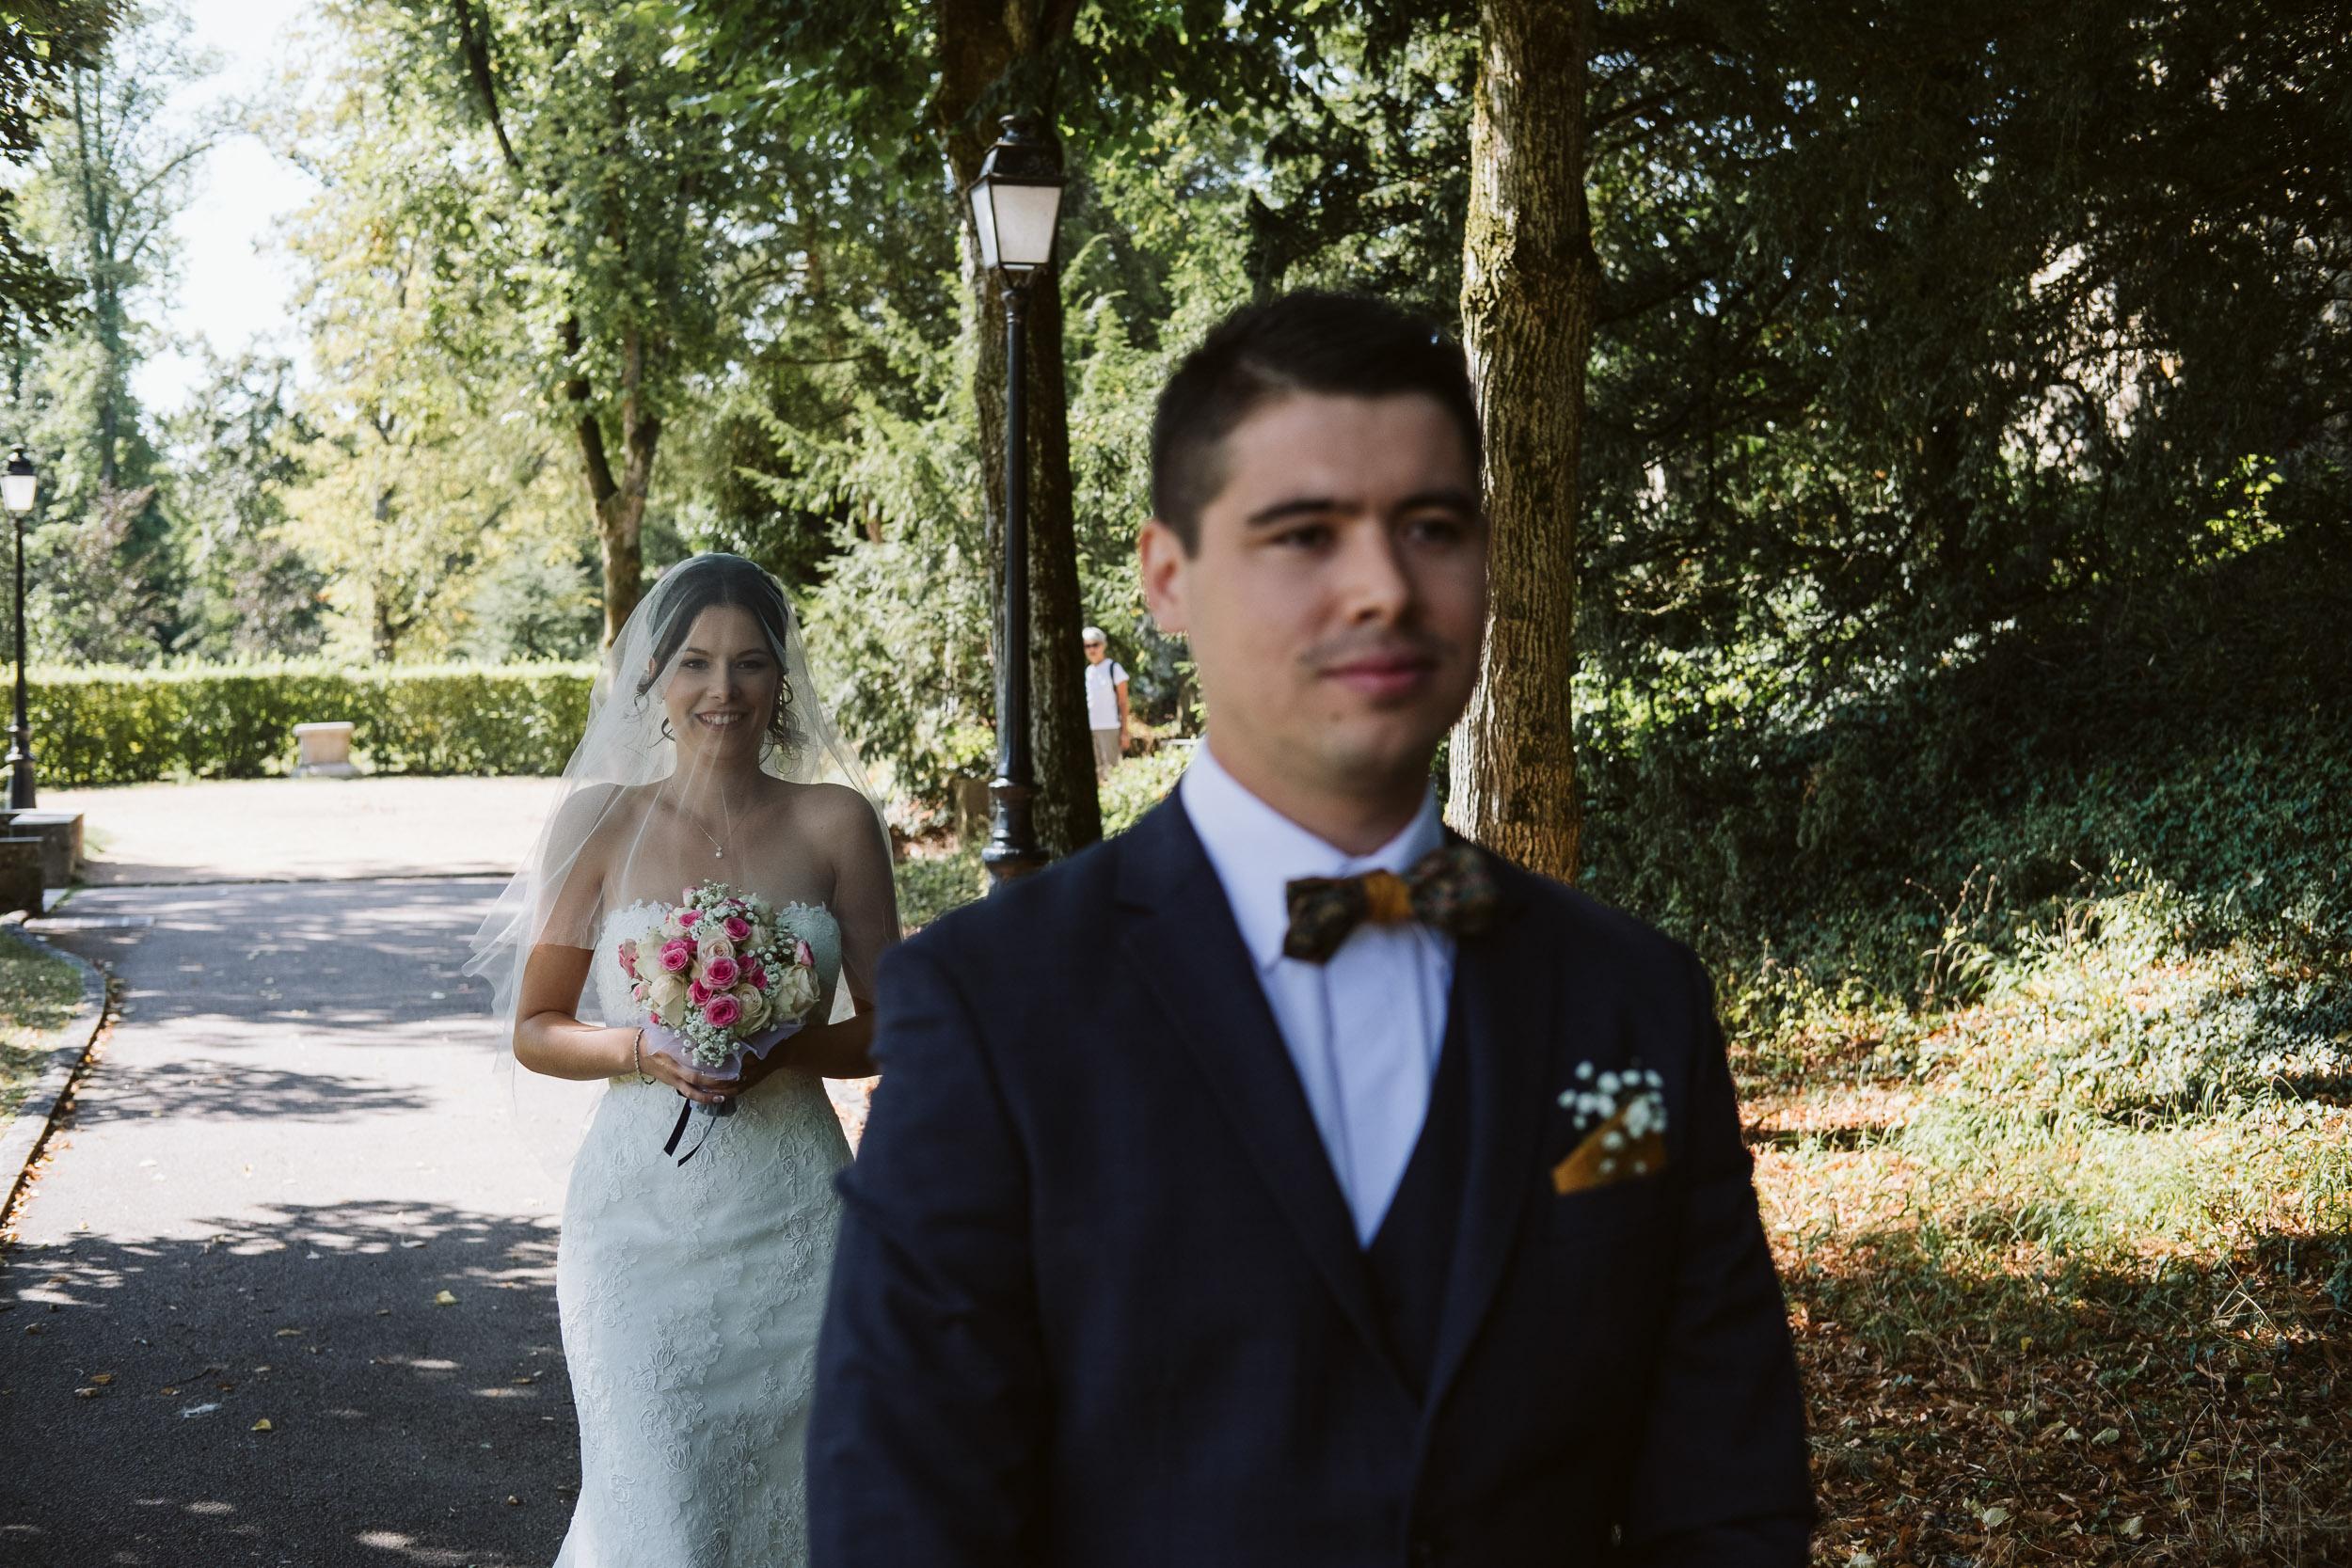 gerald-mattel-photographe-mariage-chateau-nety-3.jpg